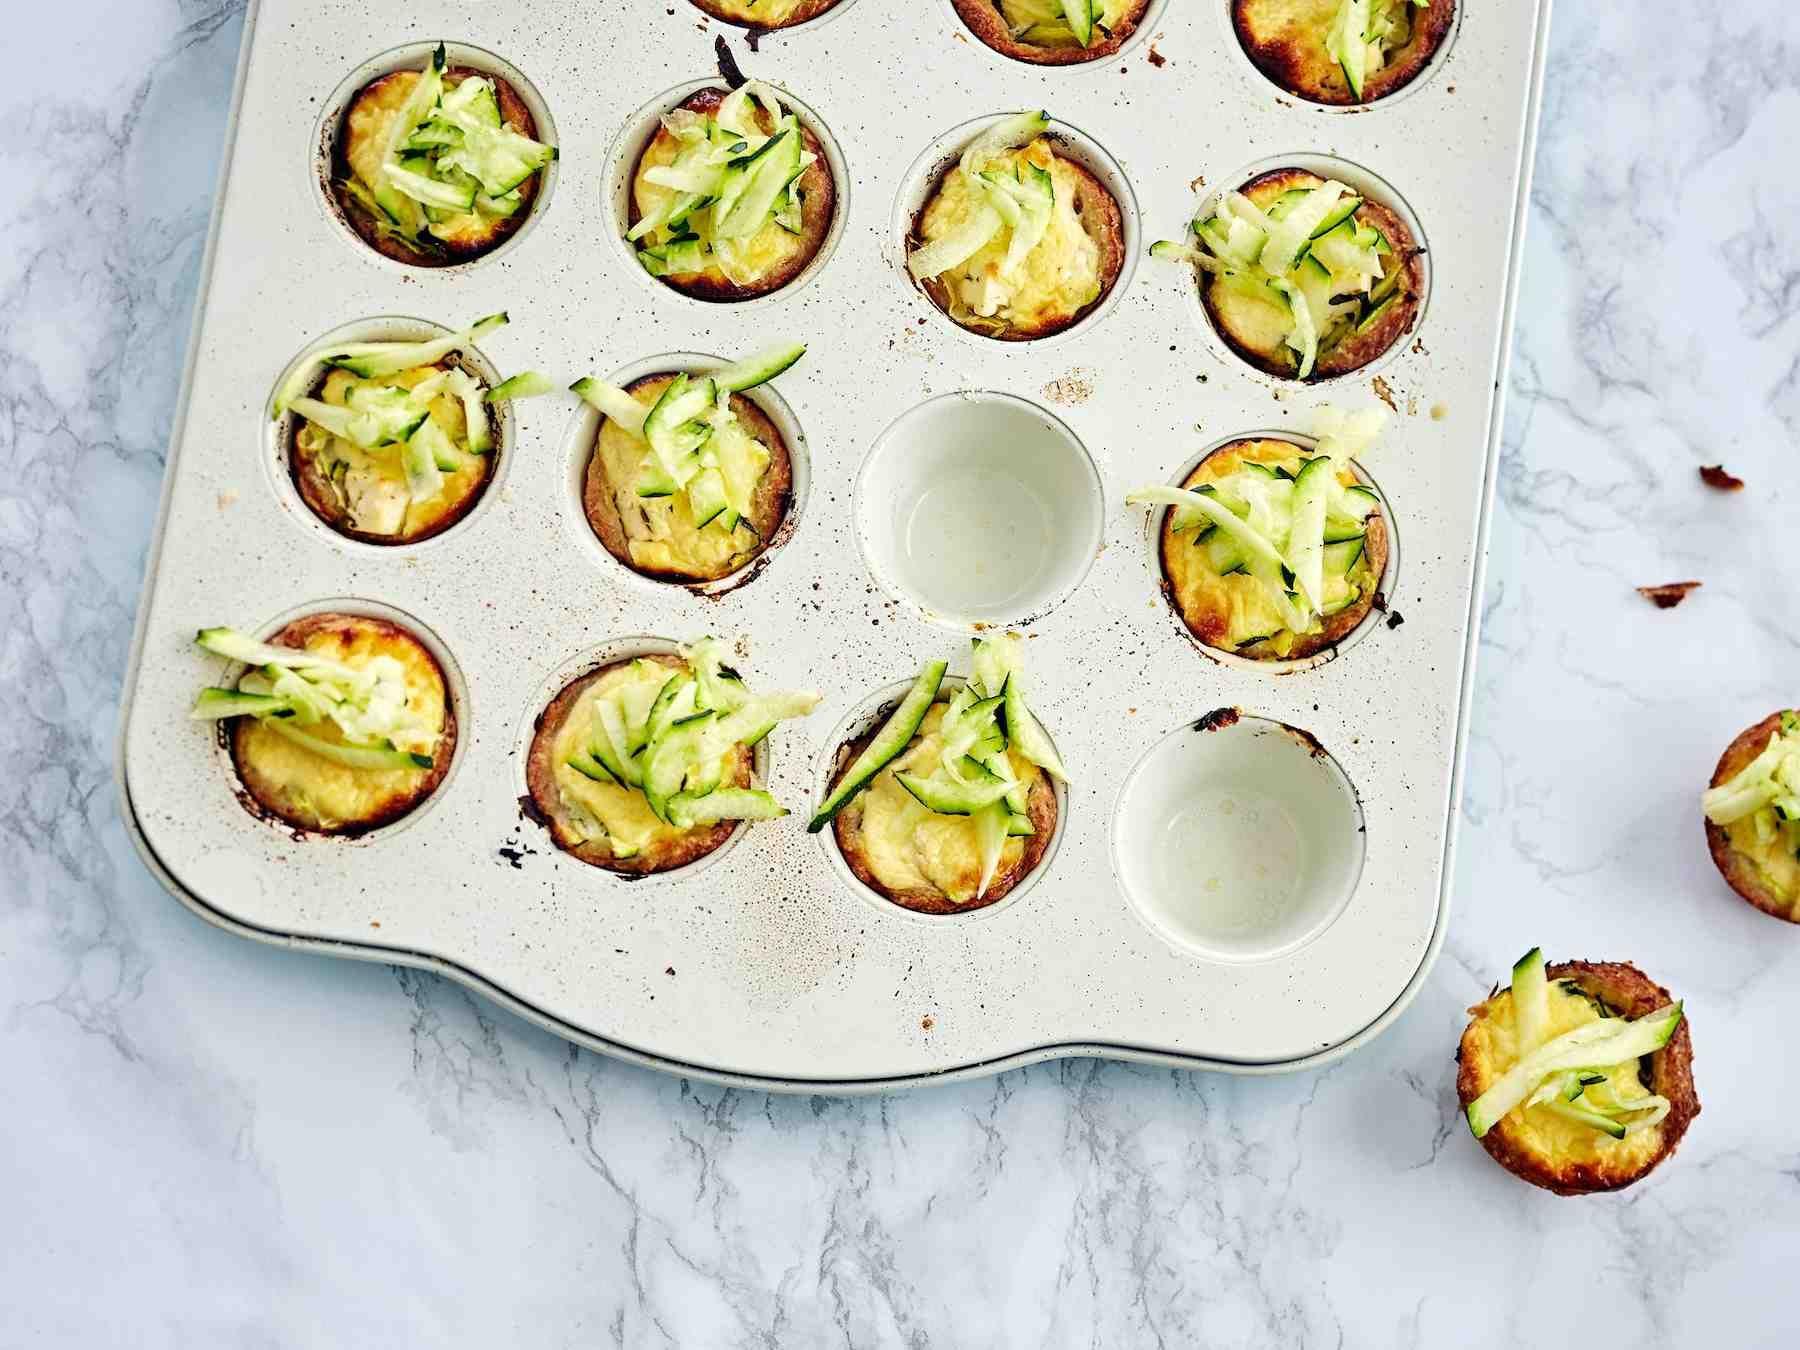 Kesäkurpitsa antaa mehevyyttä muffineille. Voit paistaa muffinit myös normaalikokoisissa muffinivuoissa.